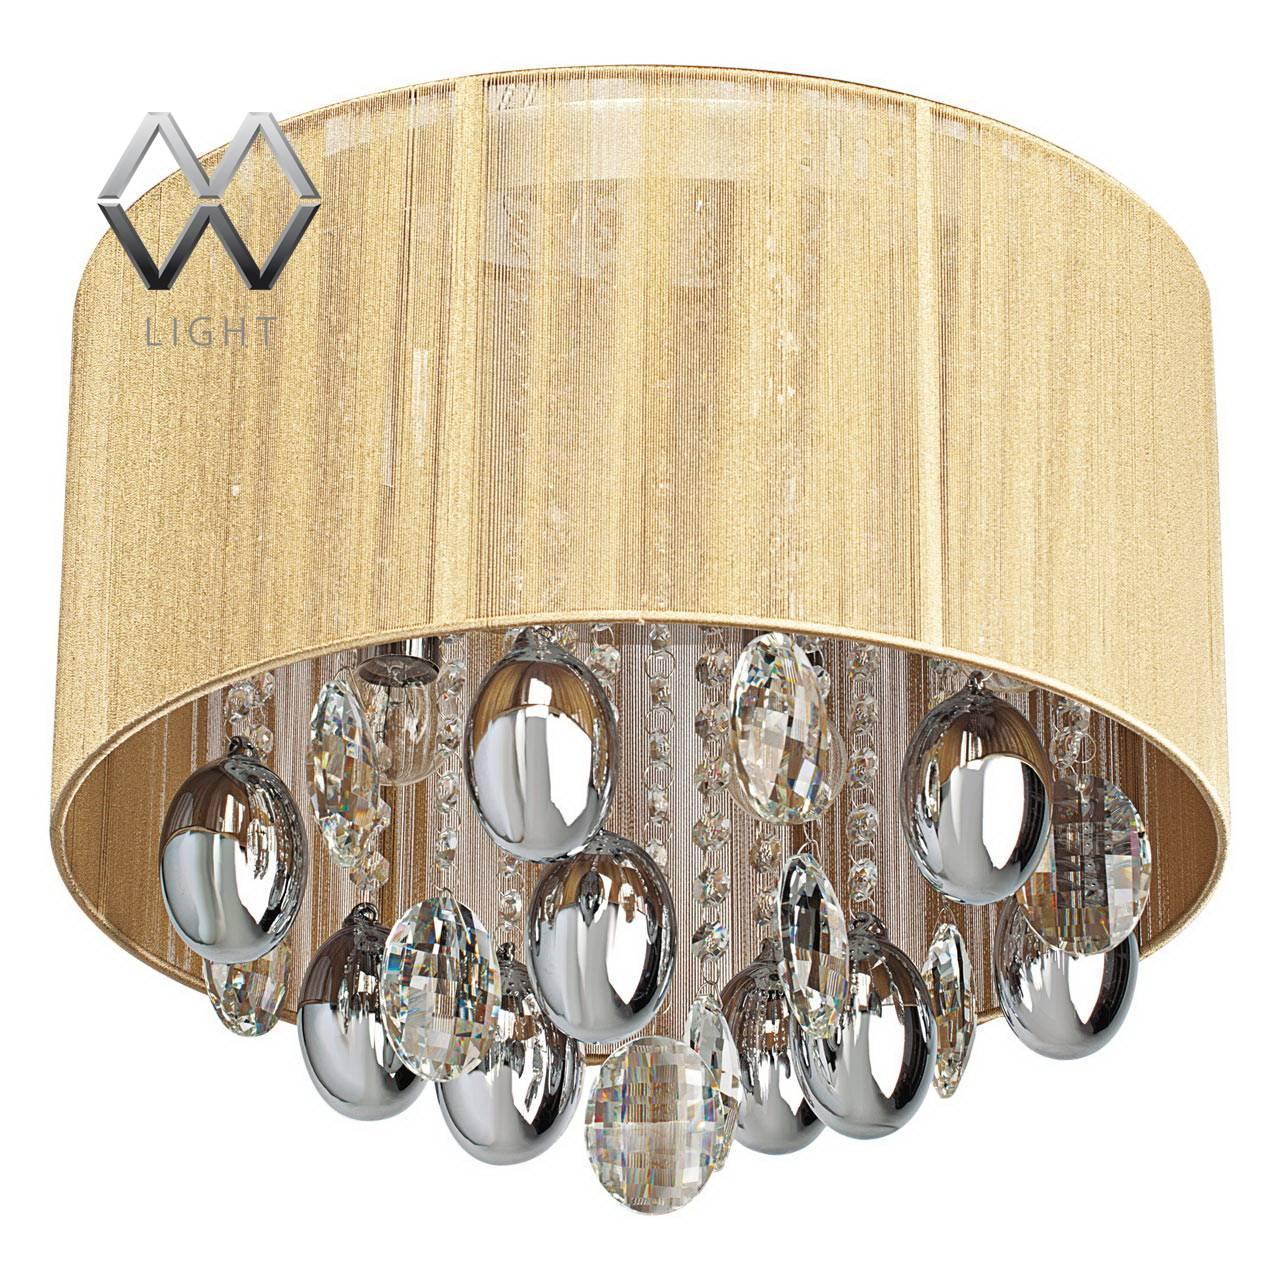 Потолочный светильник MW-Light, E14, 200 Вт потолочный светильник mw light e14 480 вт